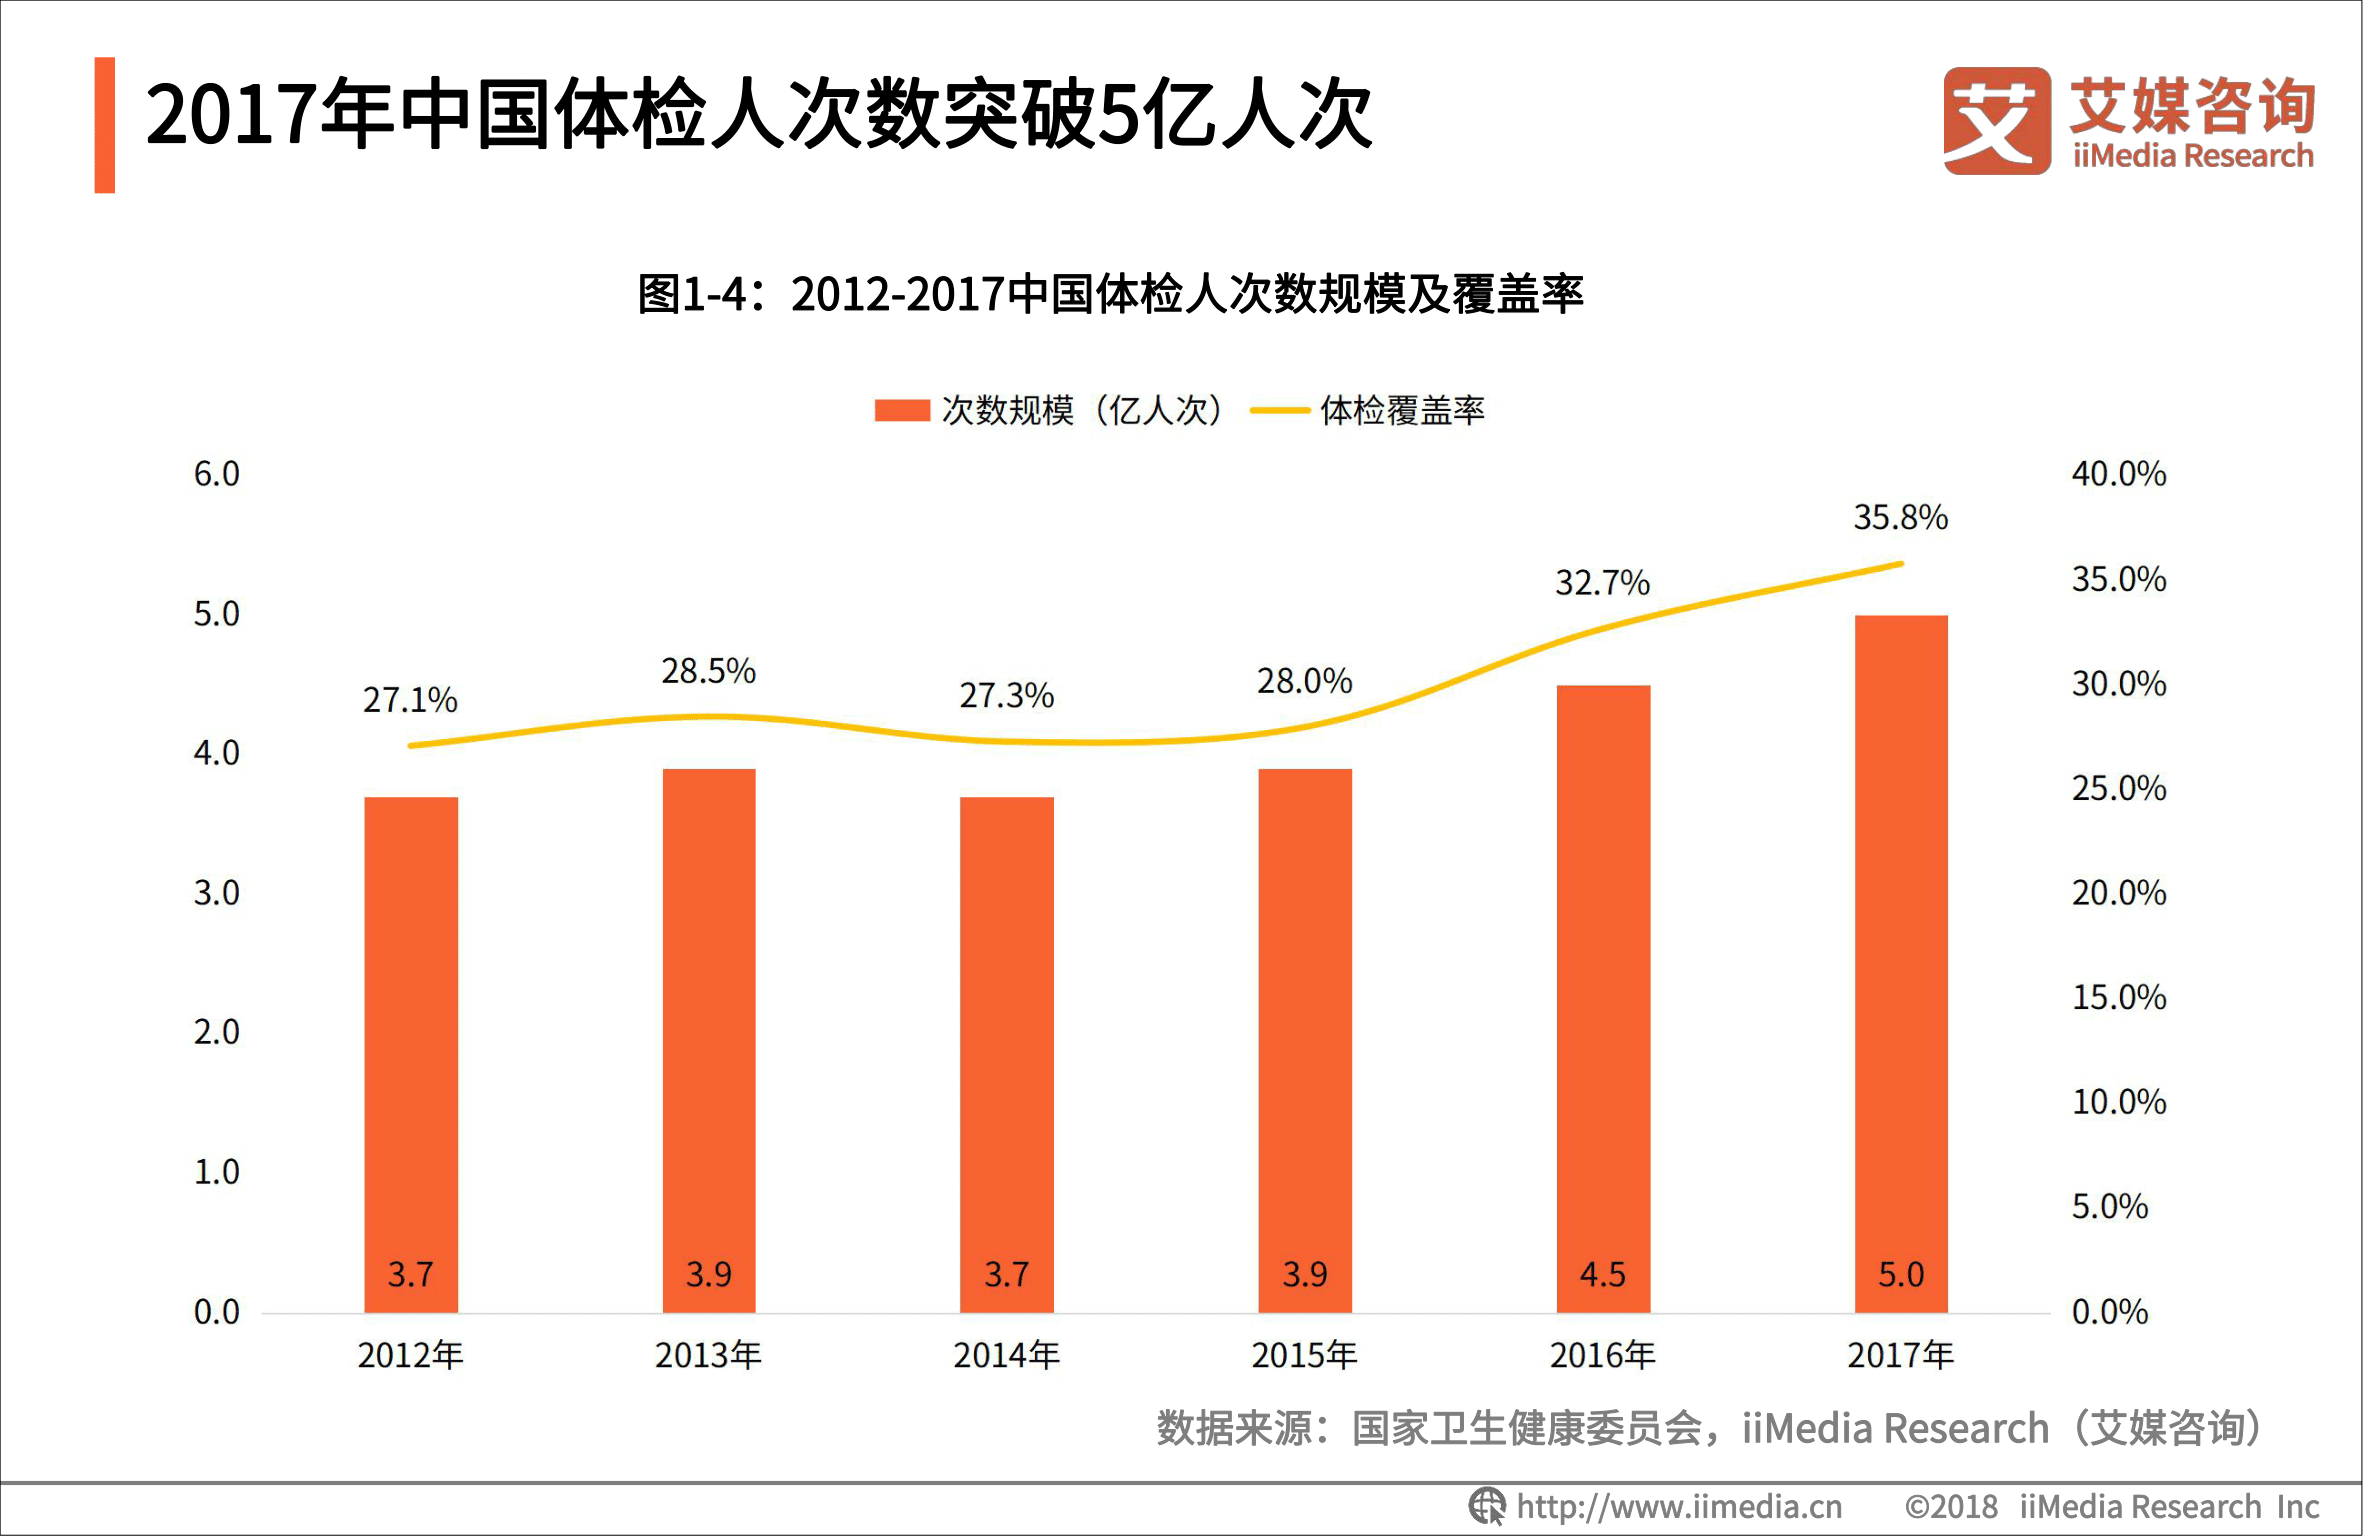 2017年中国体检人次突破5亿人次